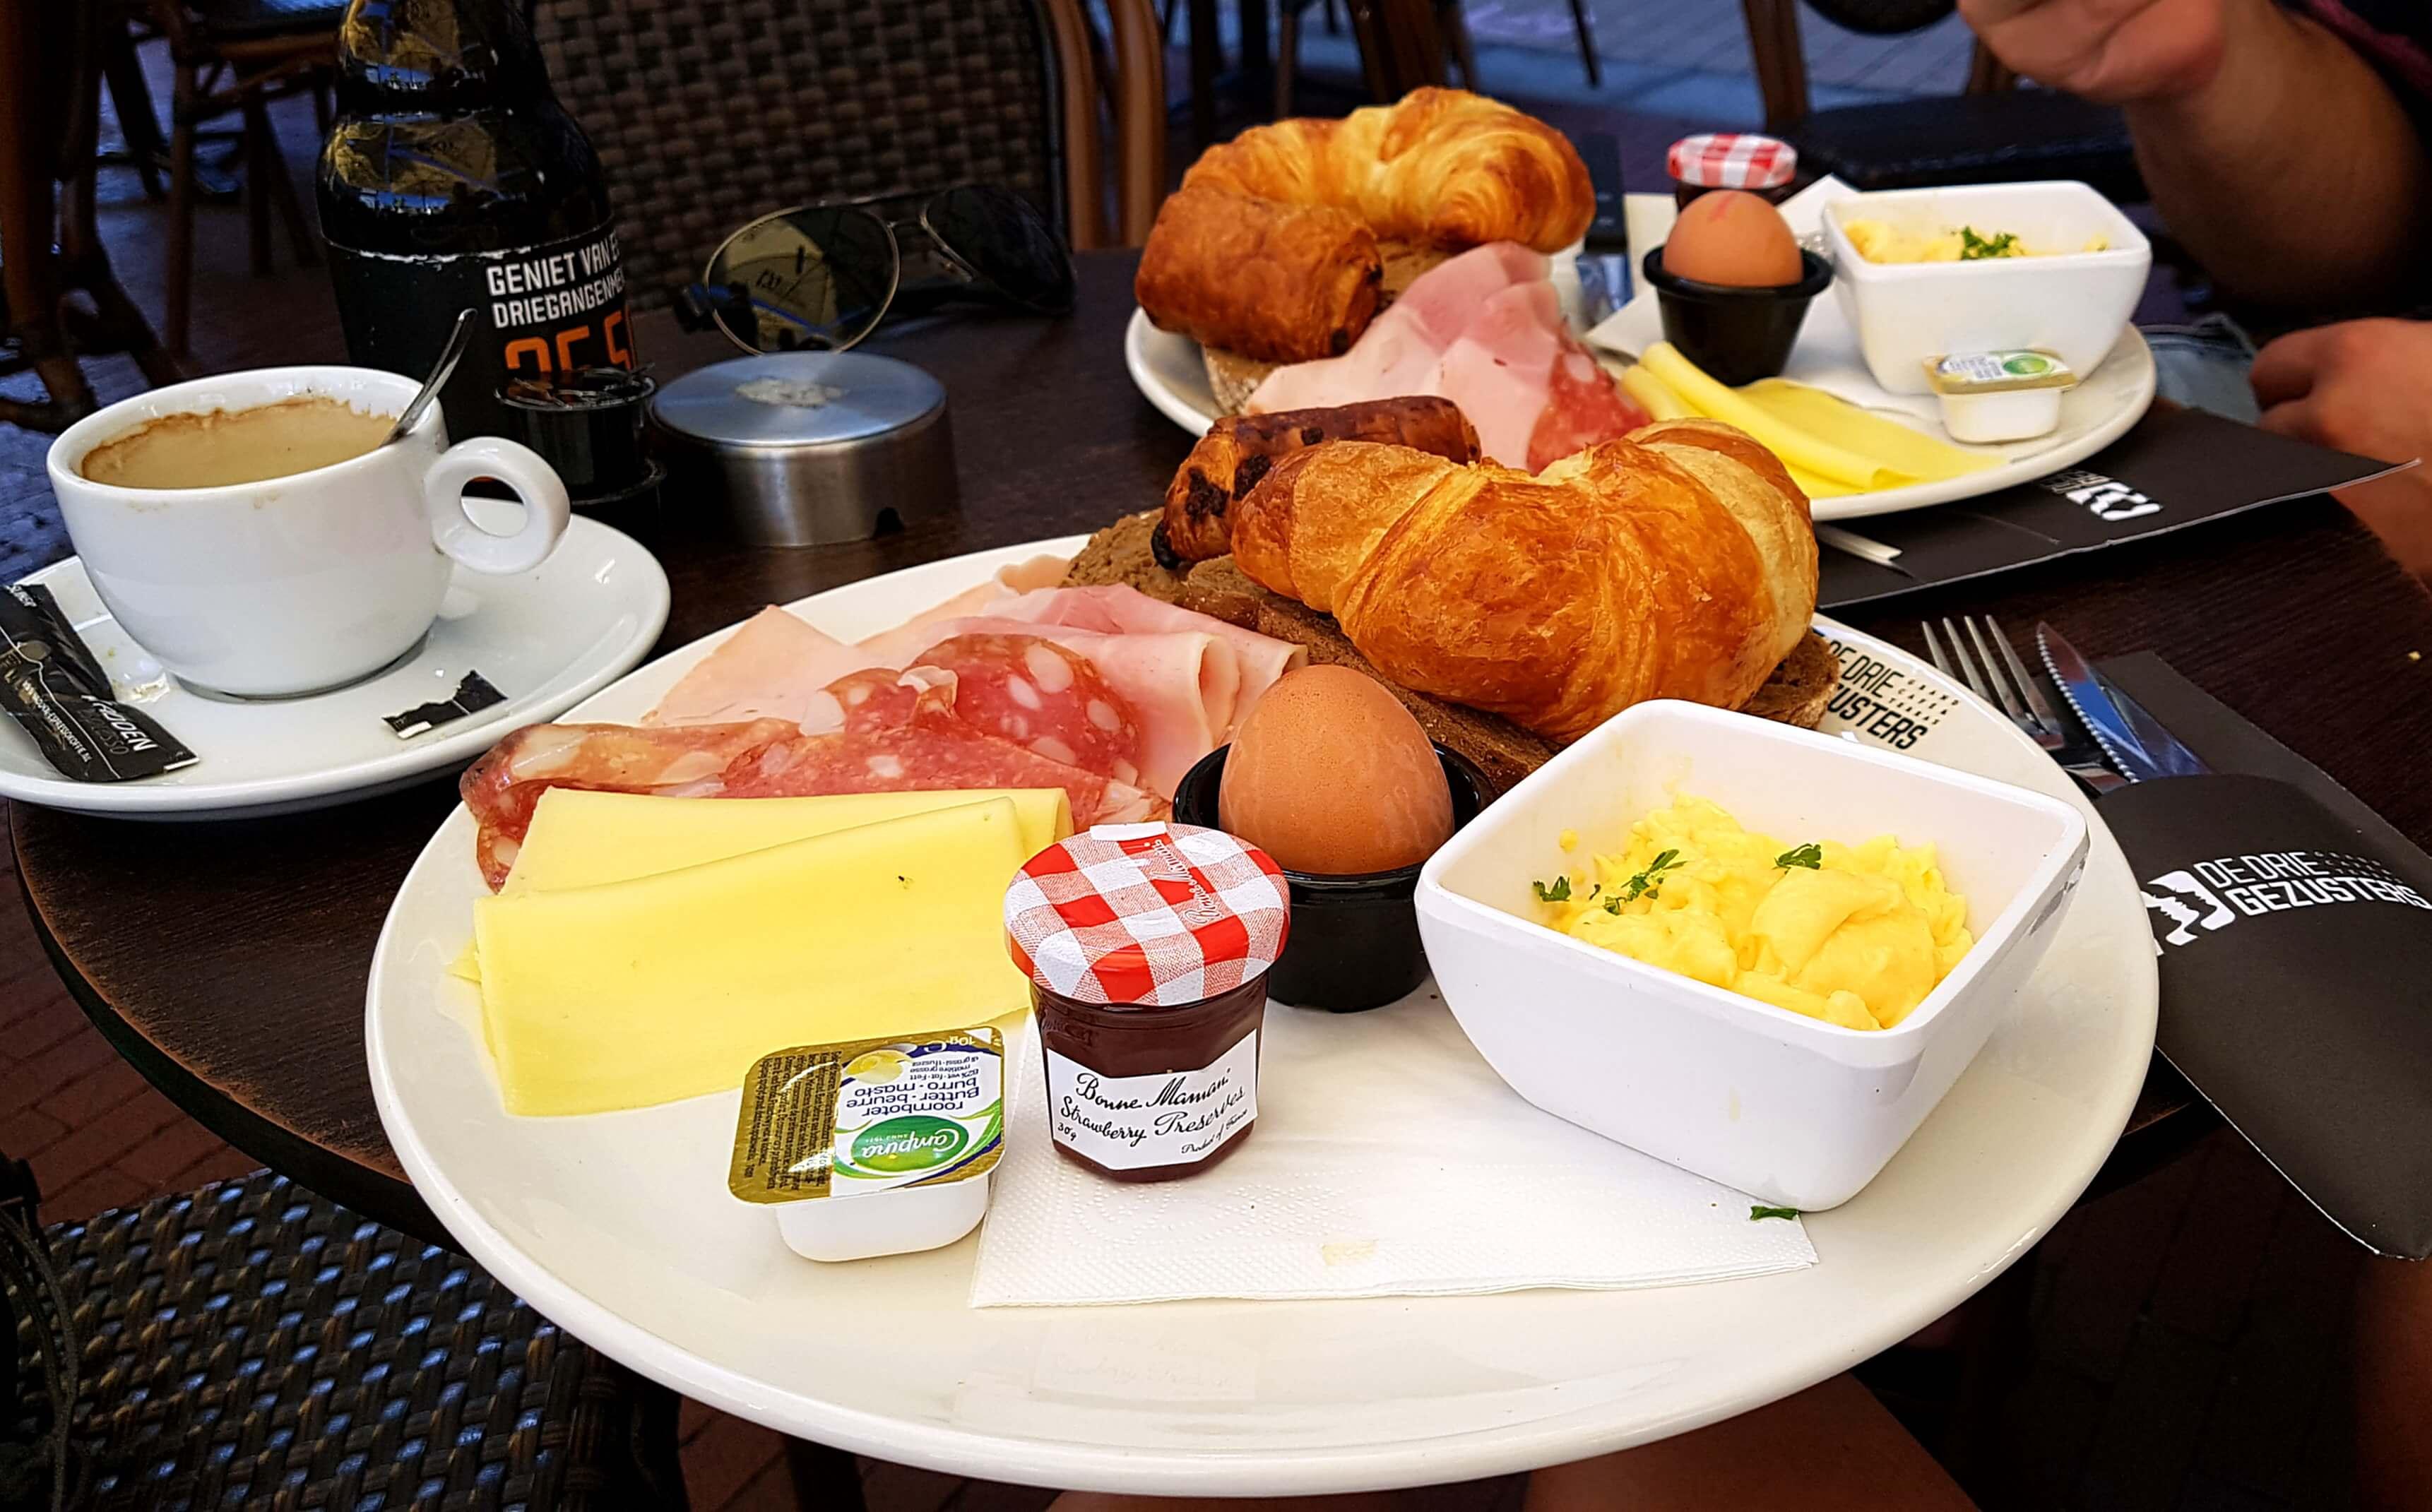 Frühstück in Groningen